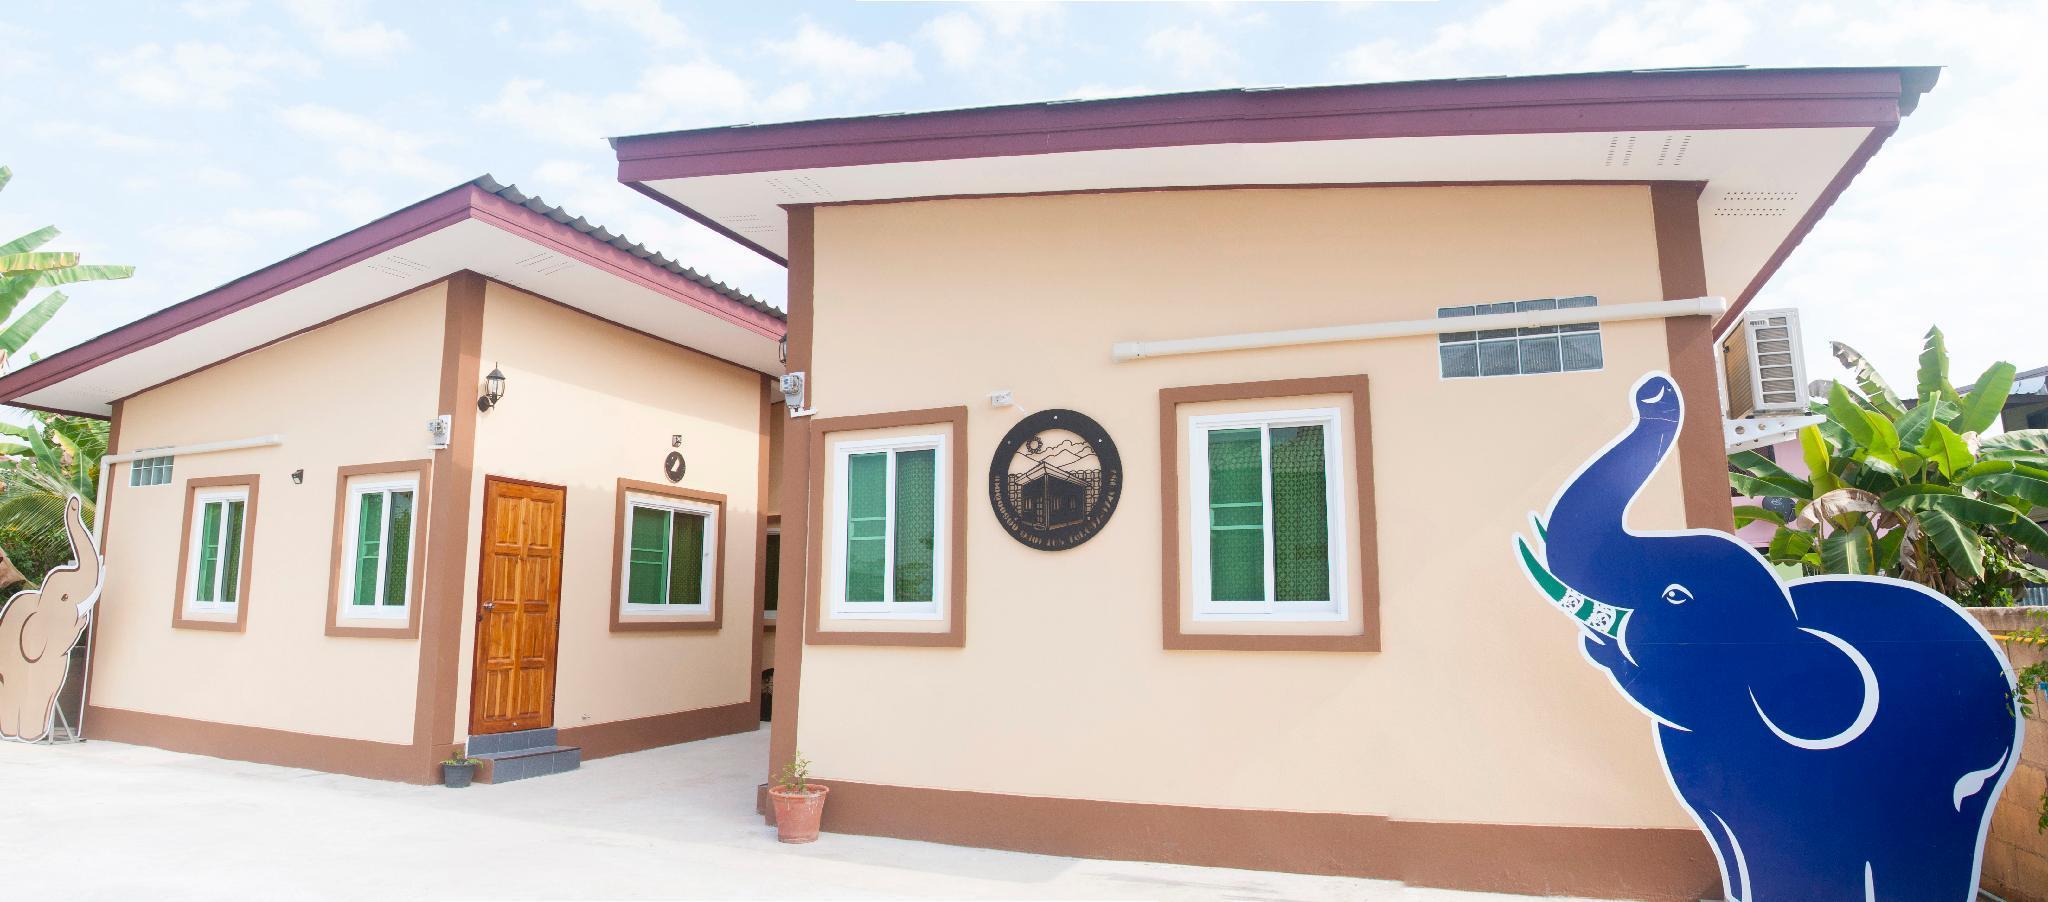 Ban Phunsap Phayao 168, Muang Phayao